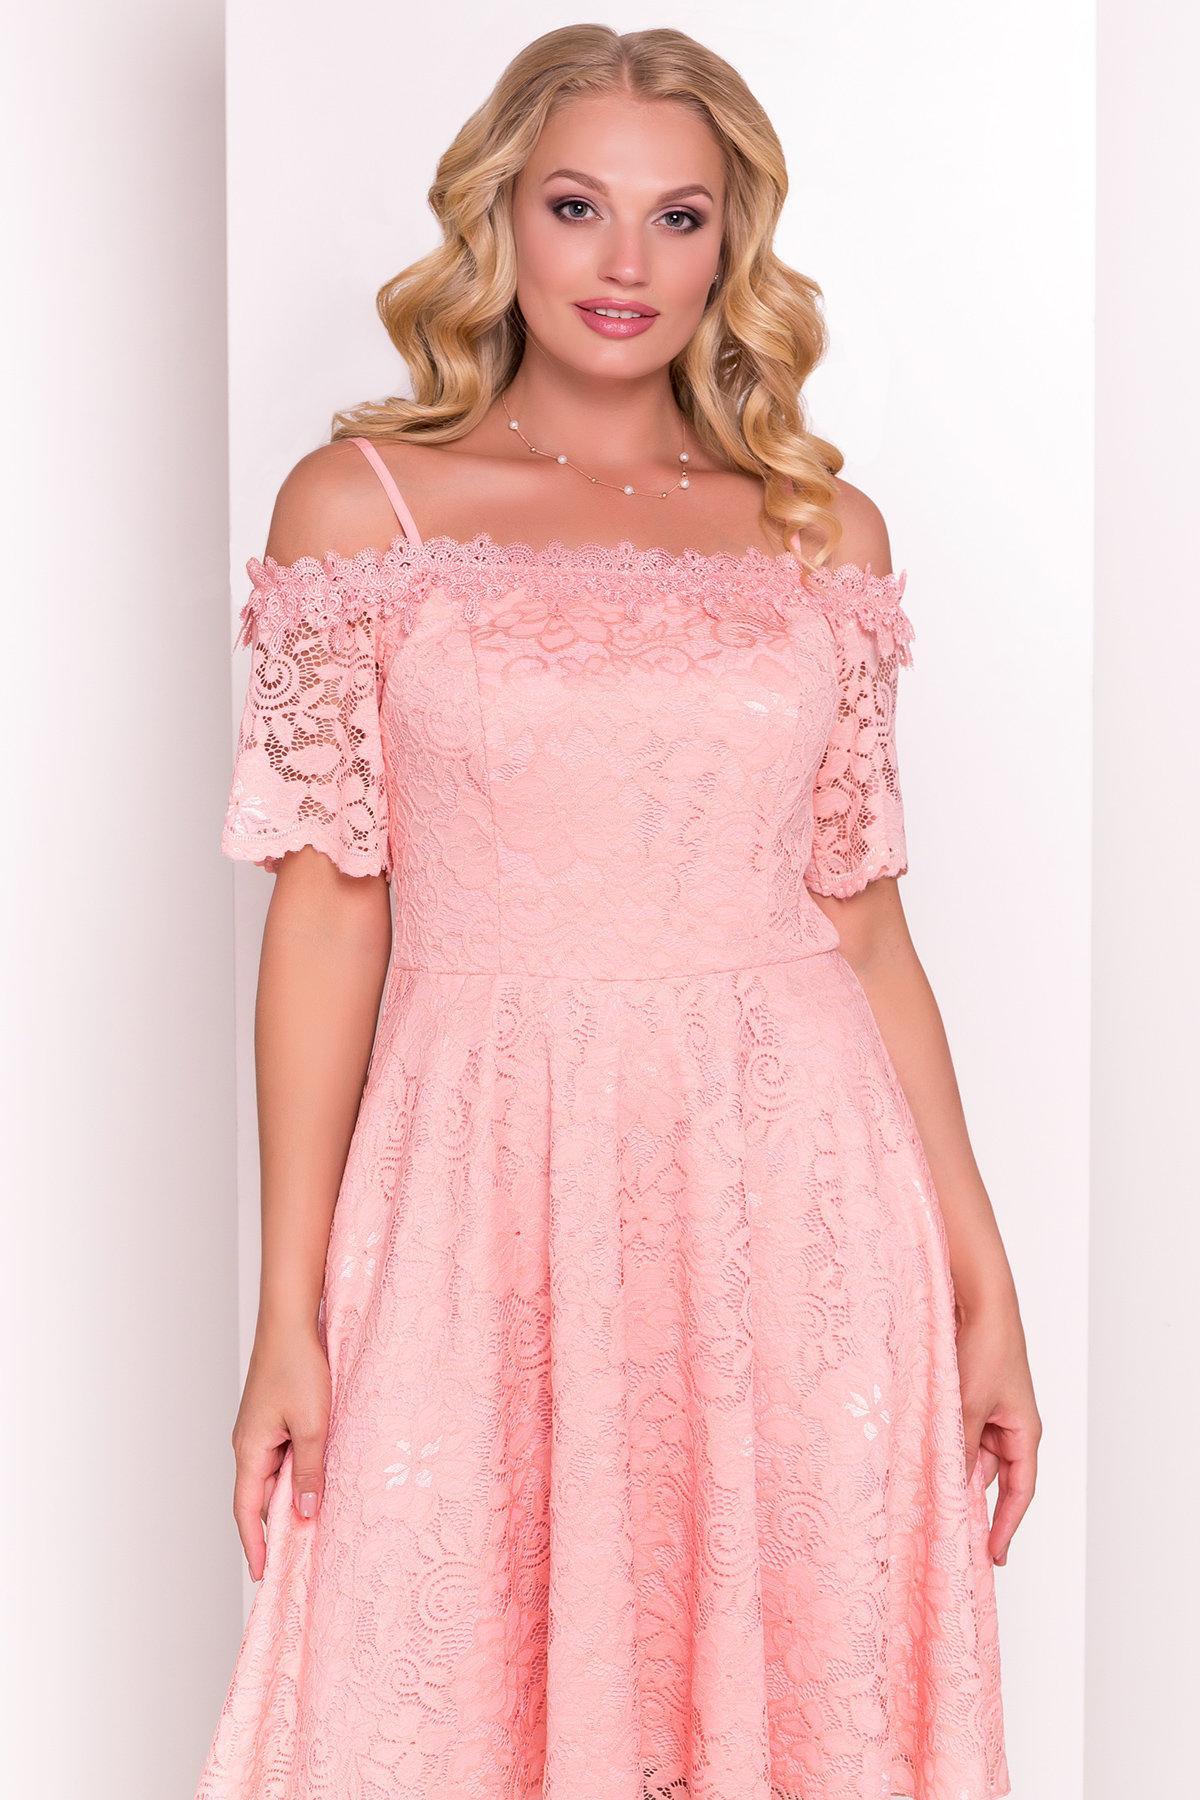 Платье Виола Donna 5059 АРТ. 35714 Цвет: Персик - фото 2, интернет магазин tm-modus.ru